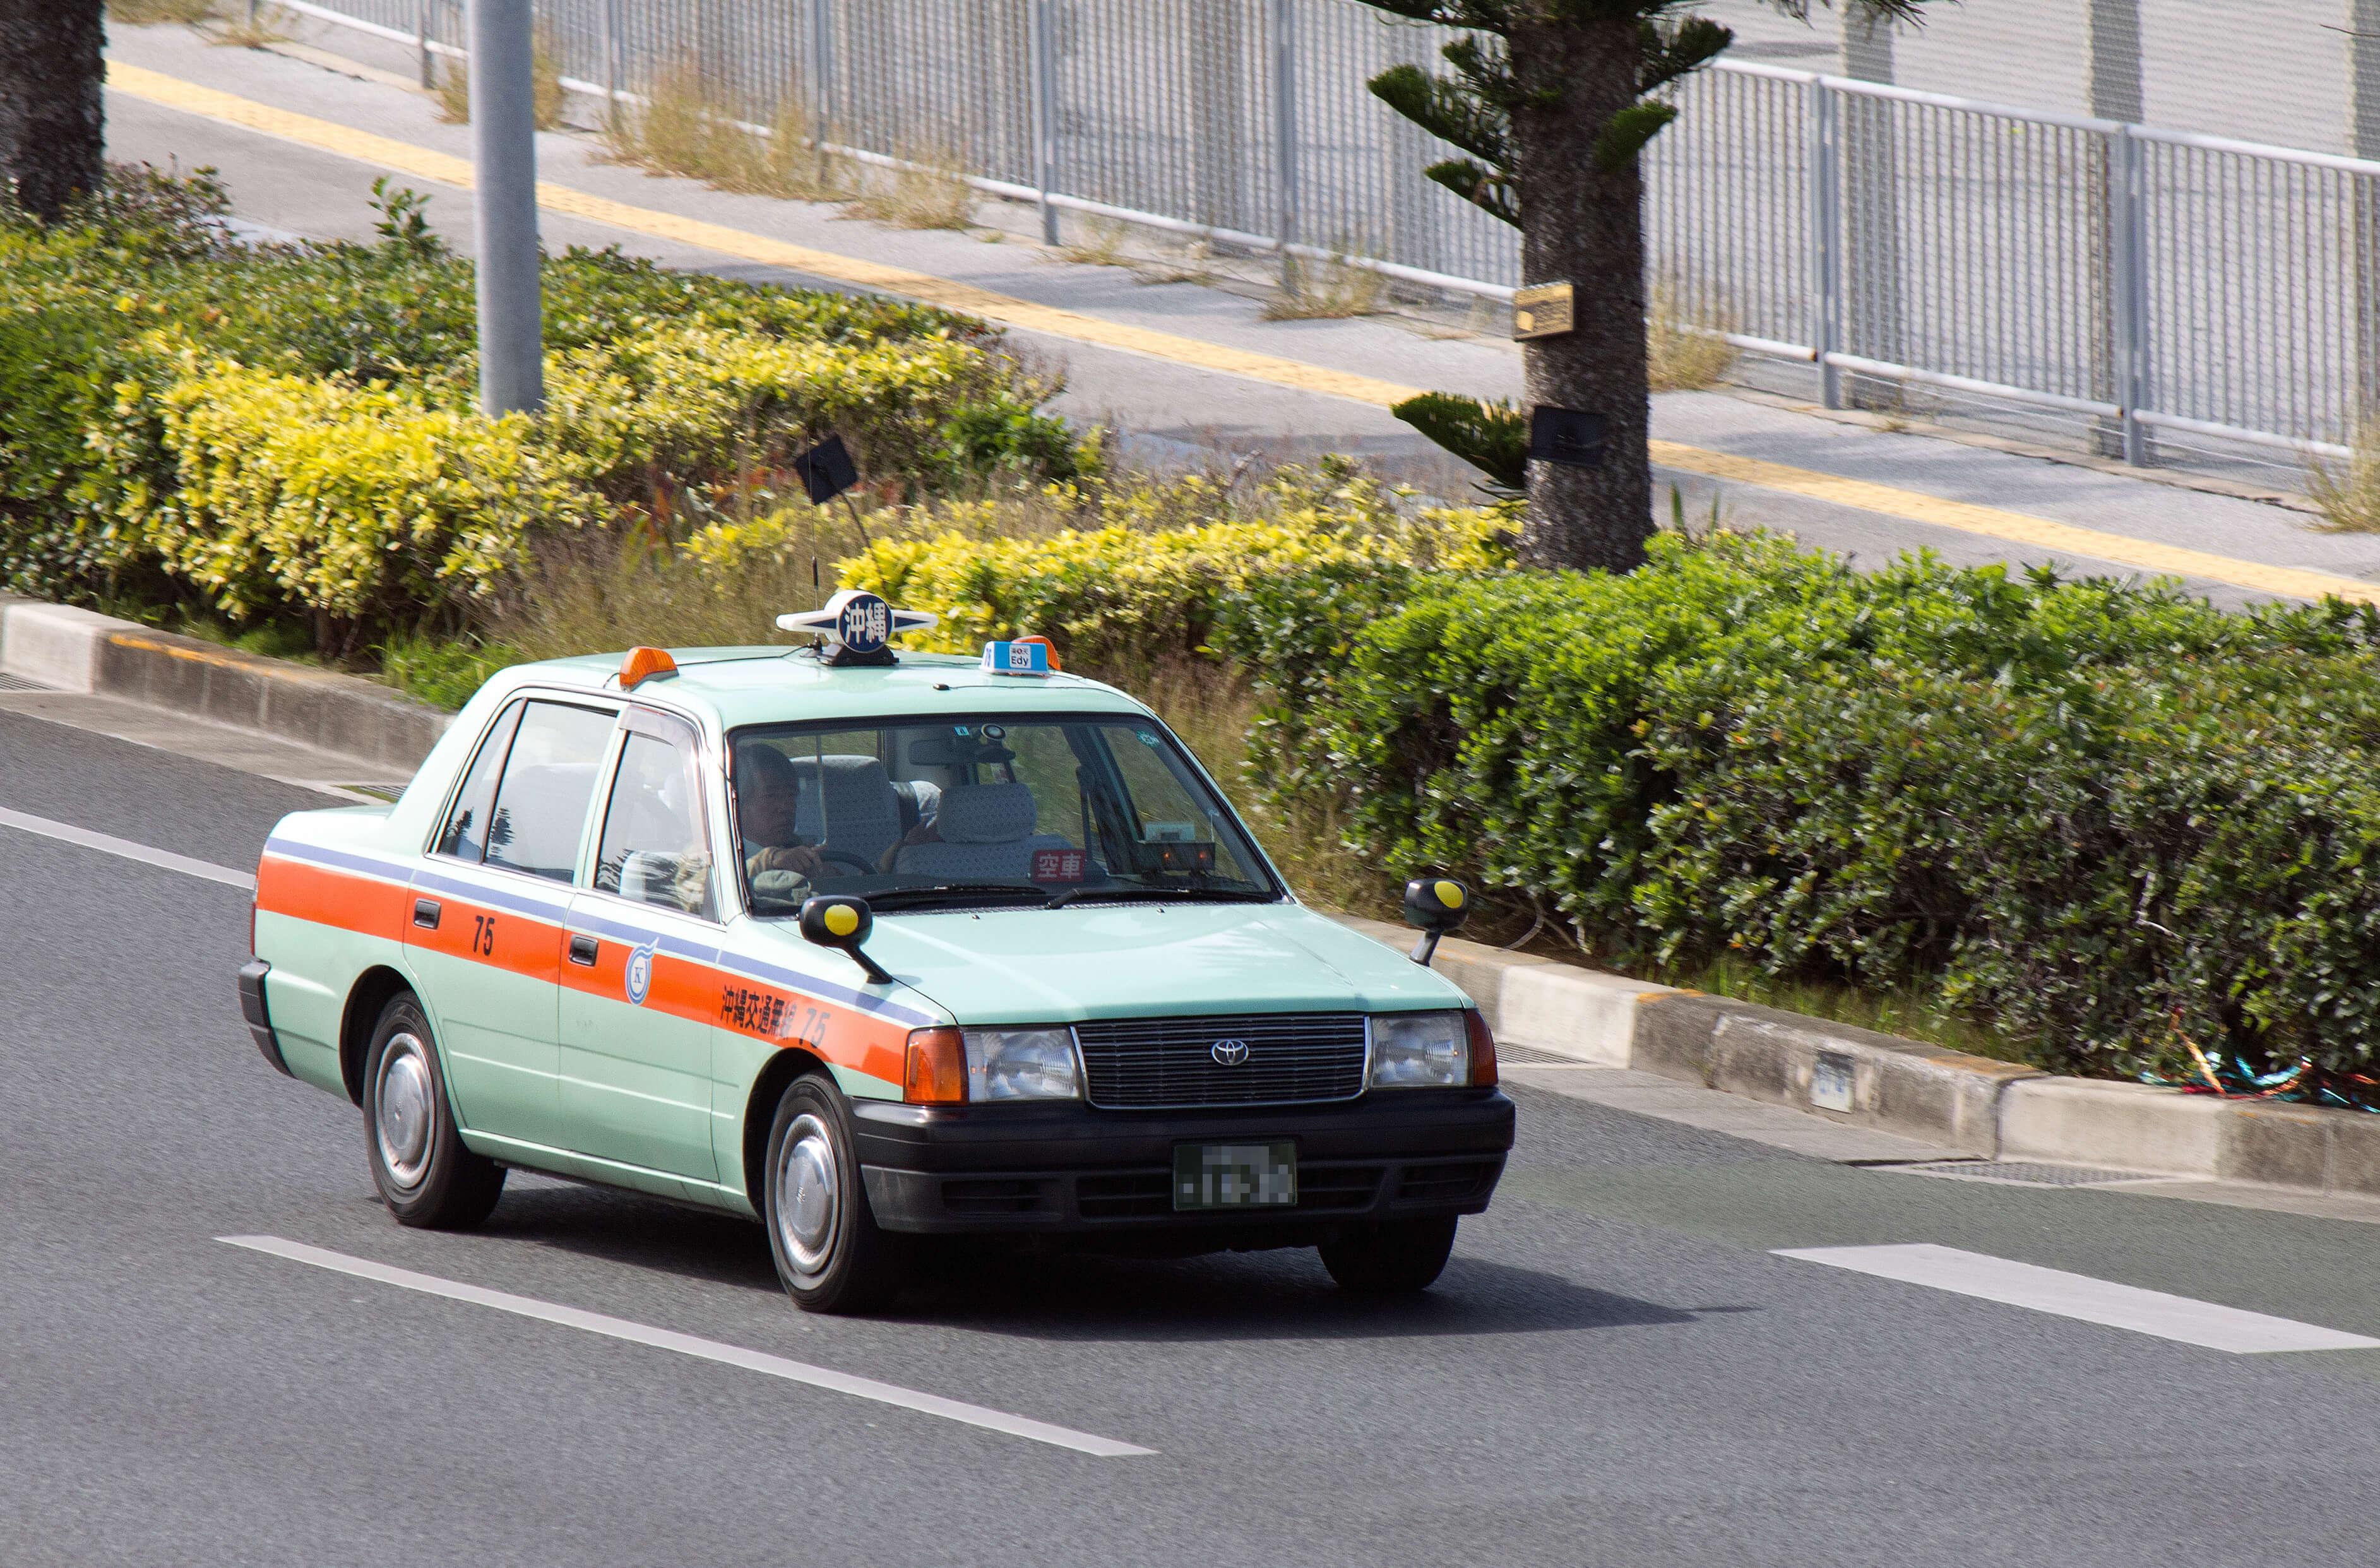 public transportations taxi